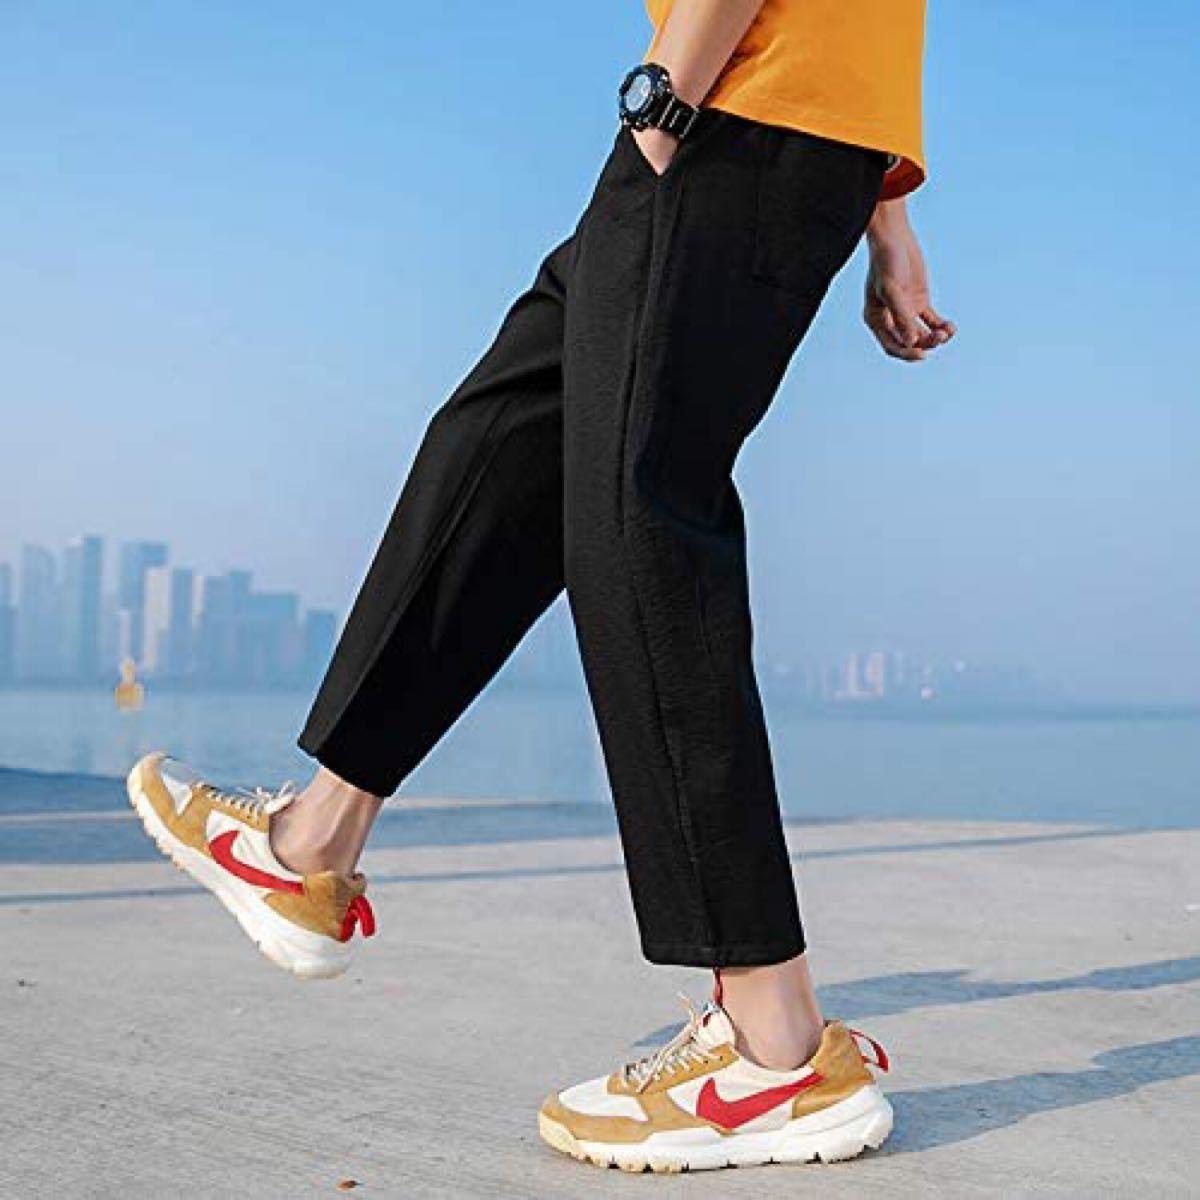 サルエルパンツメンズ サルエルパンツ ズボン ロングパンツ カジュアル 九分丈 薄手 調整紐 通気性 黒 Mサイズ